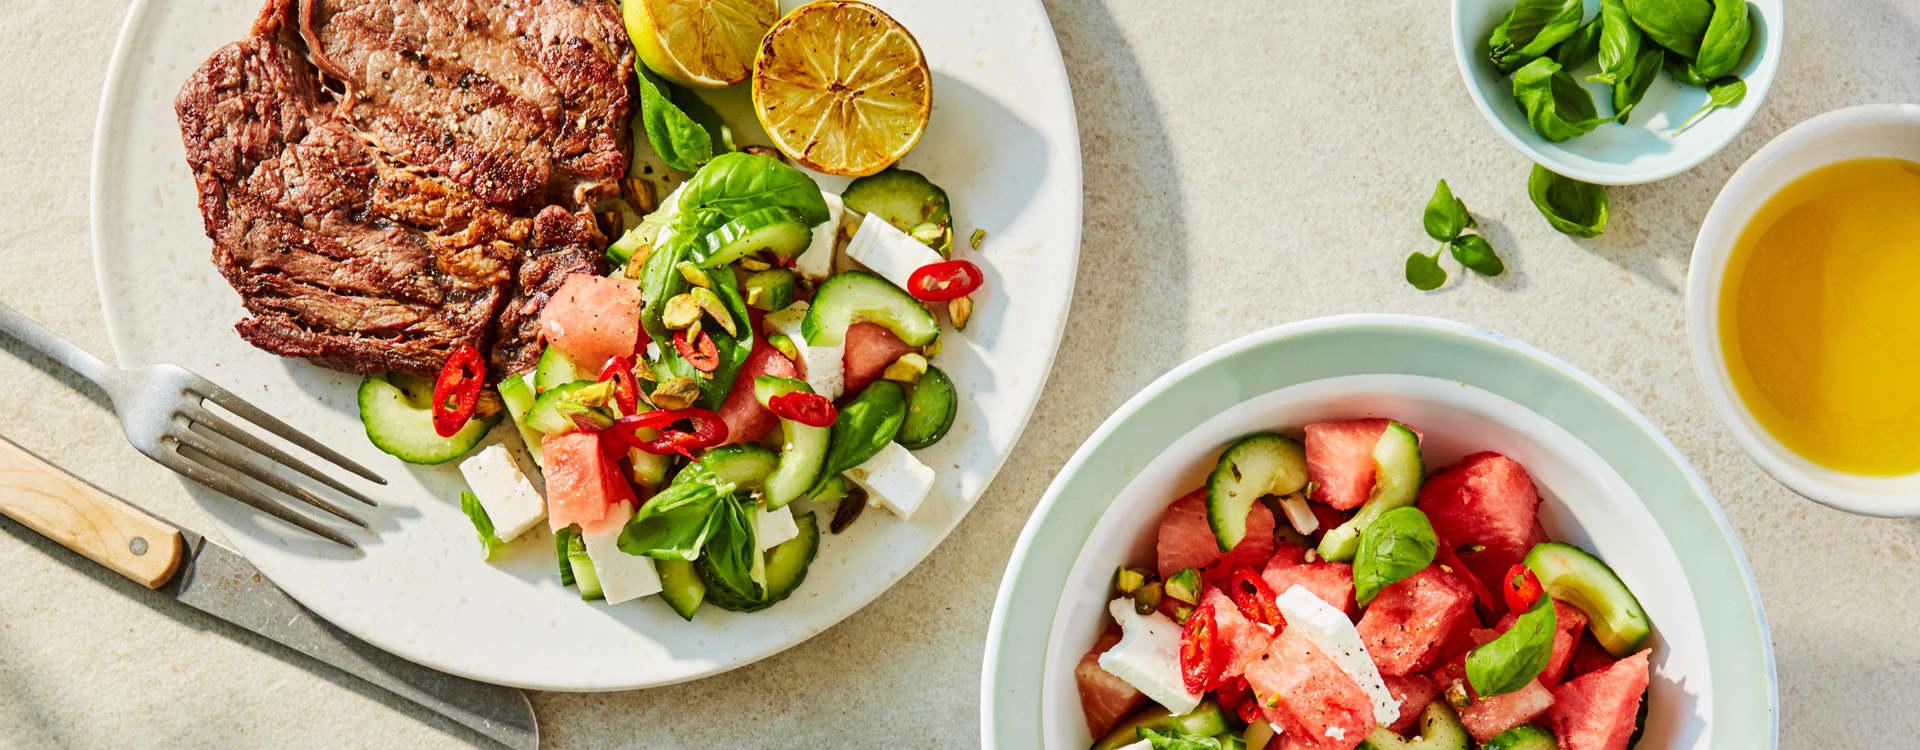 Entrecôte med agurk- og melonsalat